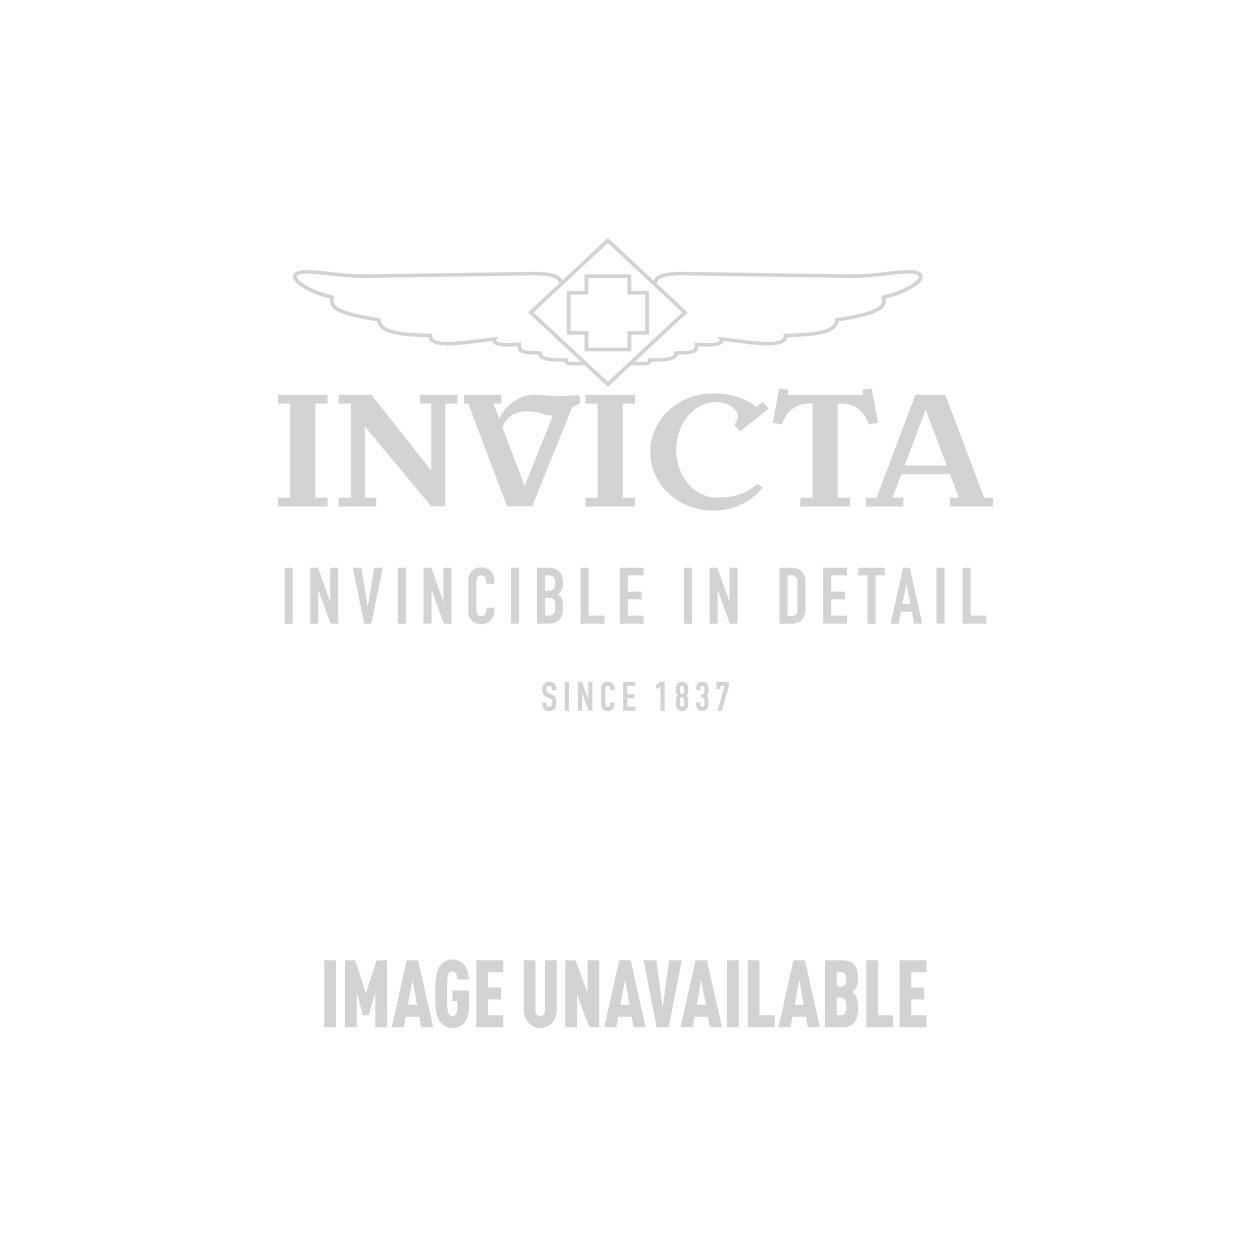 Invicta Model 22586